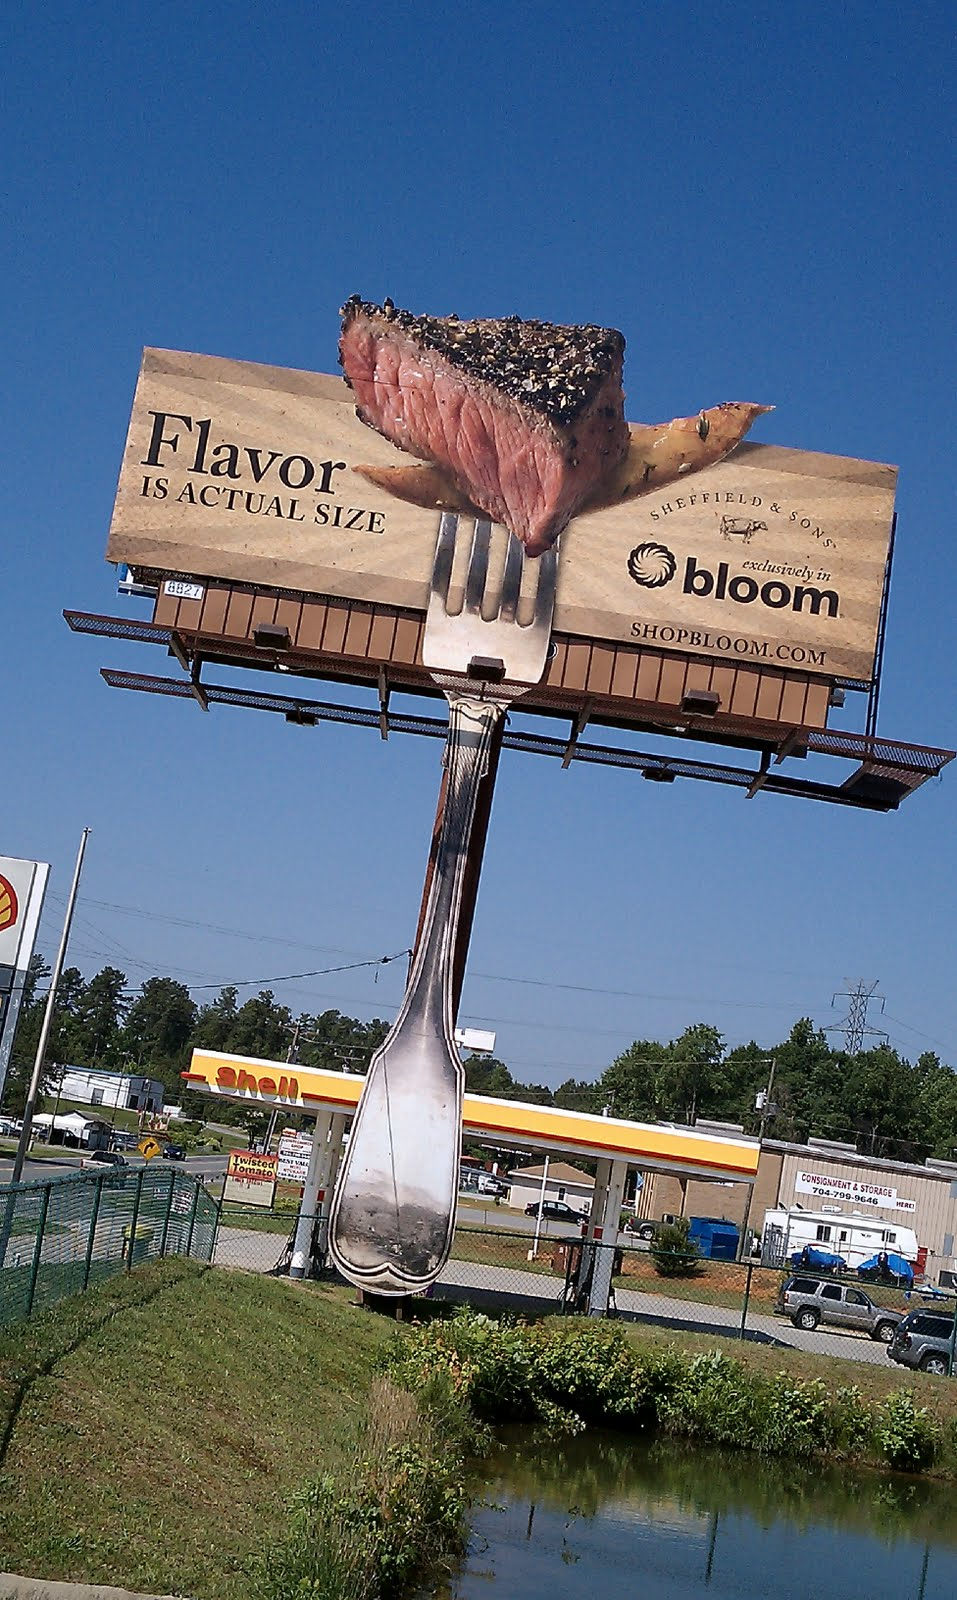 Billboard quảng cáo có mùi thịt nướng hấp dẫn thực khách marketingreview.vn 4